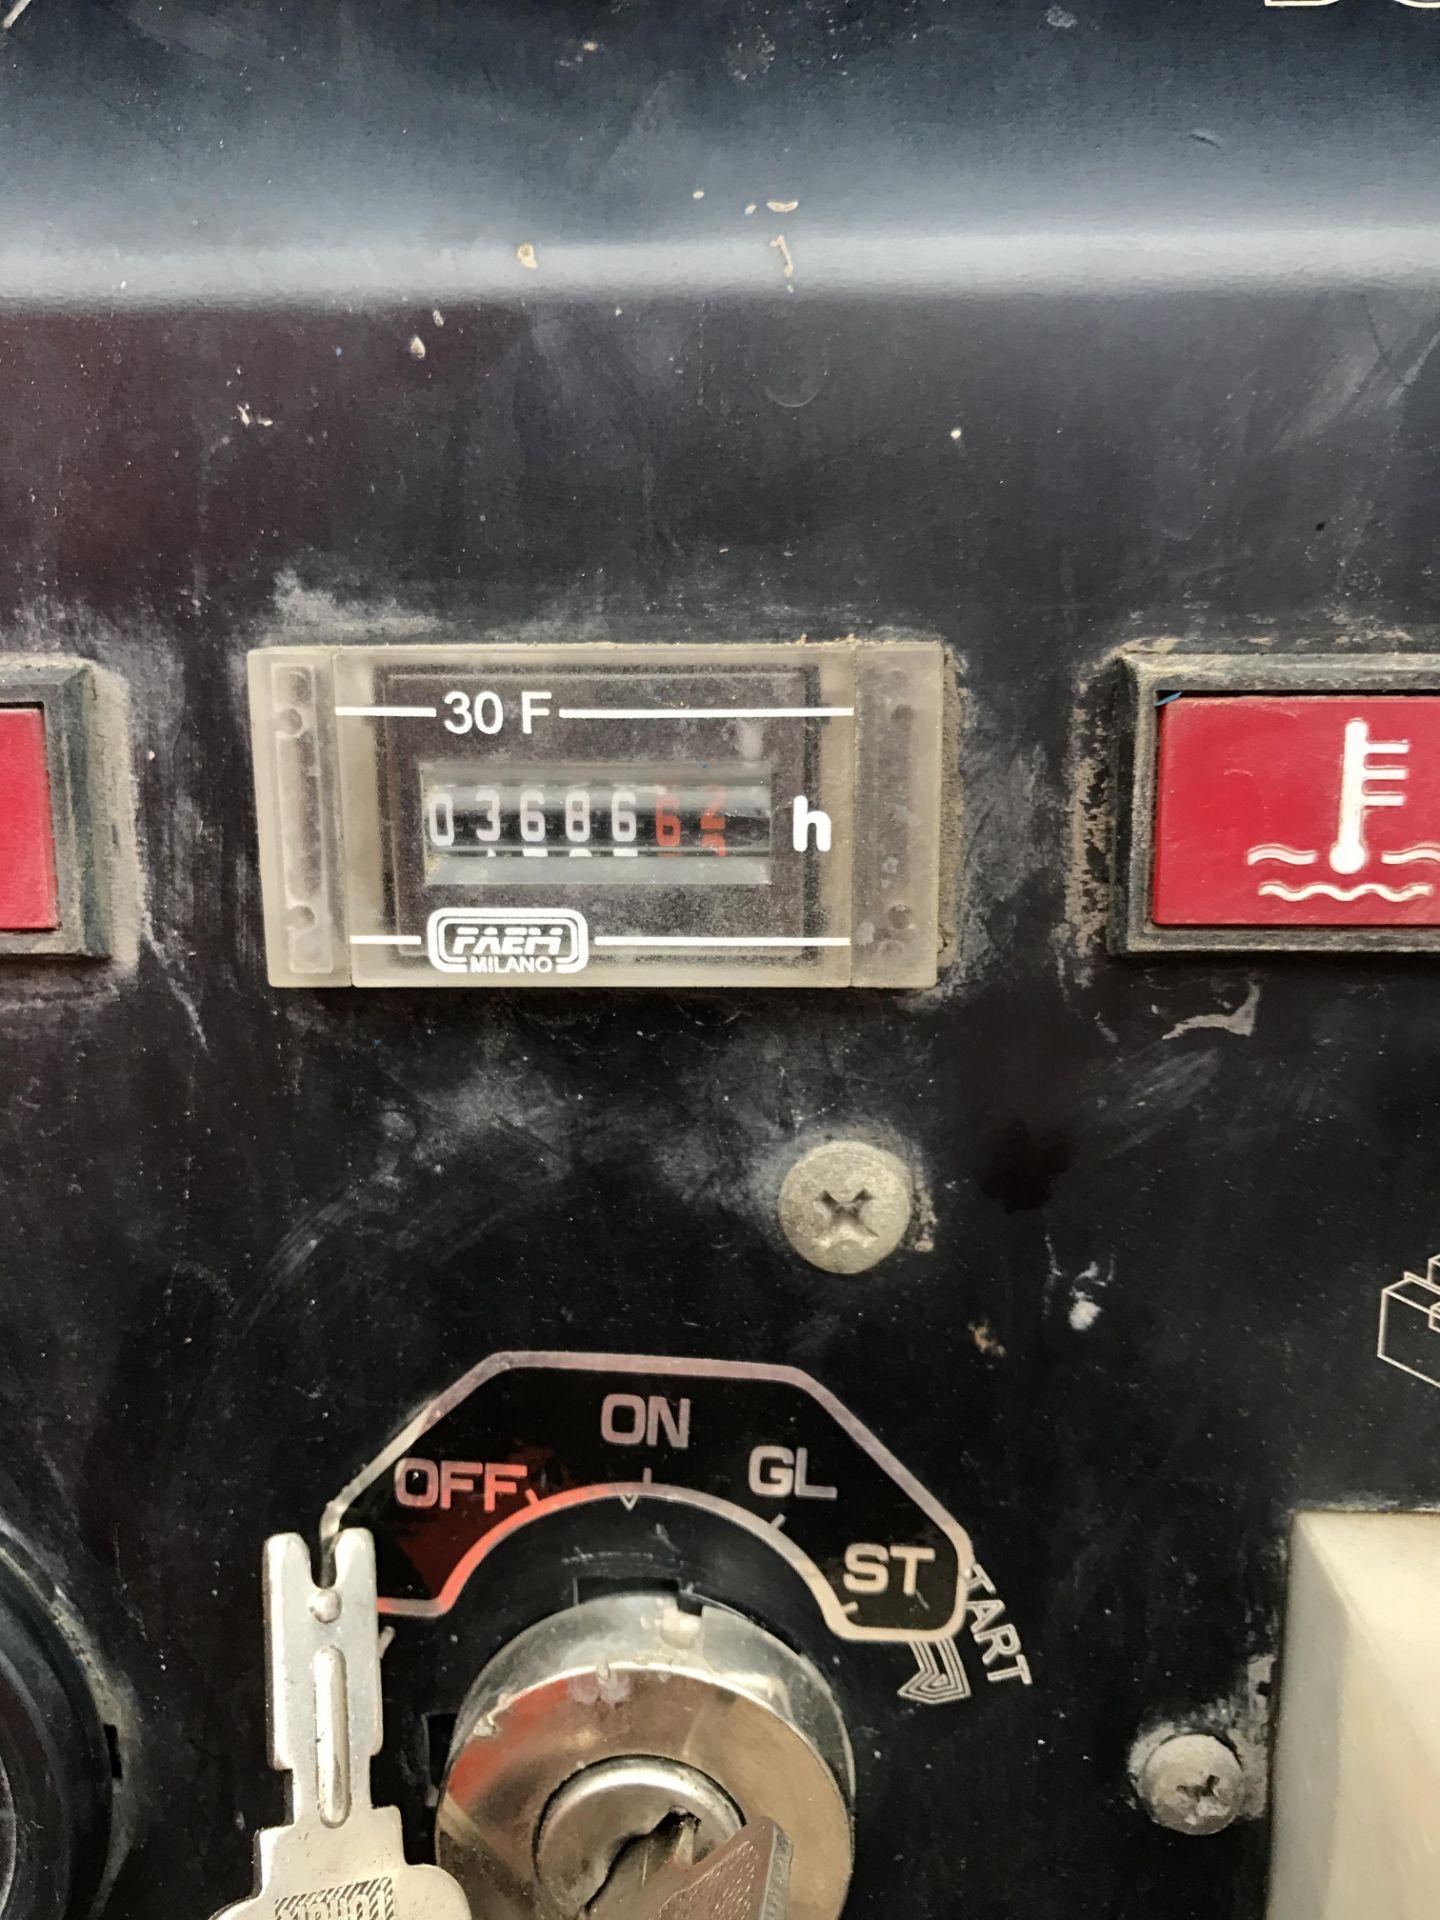 DS - VT1 LIGHTING TOWER / GENERATOR - DIESEL ENGINE DRIVEN *PLUS VAT*  SUPER LIGHT VT 1 STARTS - Image 5 of 6